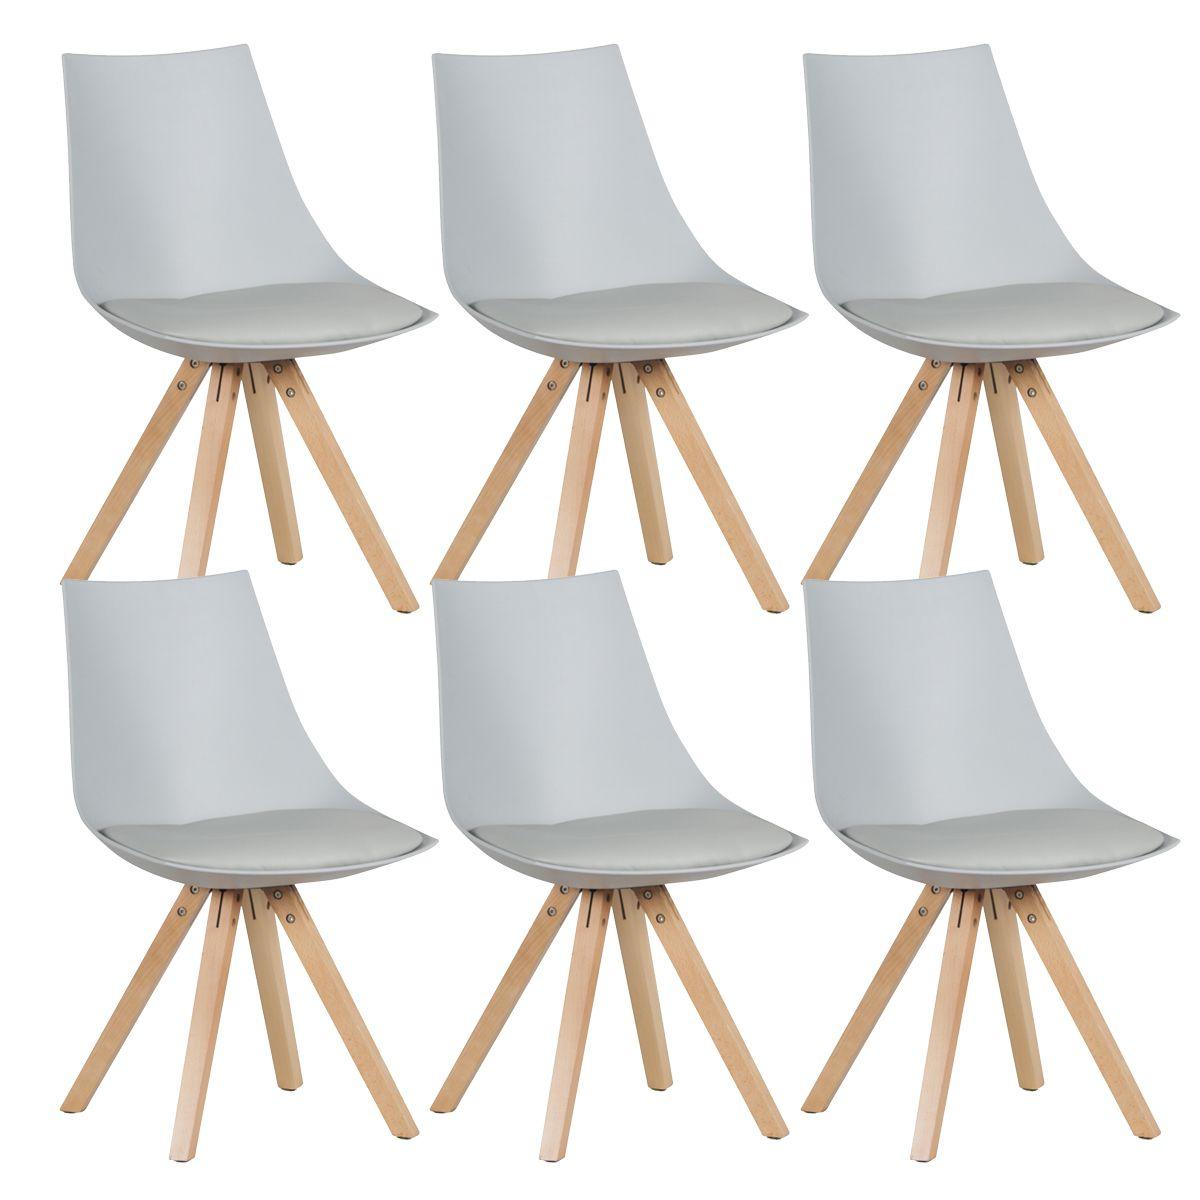 altobuy hopen lot de 6 chaises gris clair neuf ebay. Black Bedroom Furniture Sets. Home Design Ideas